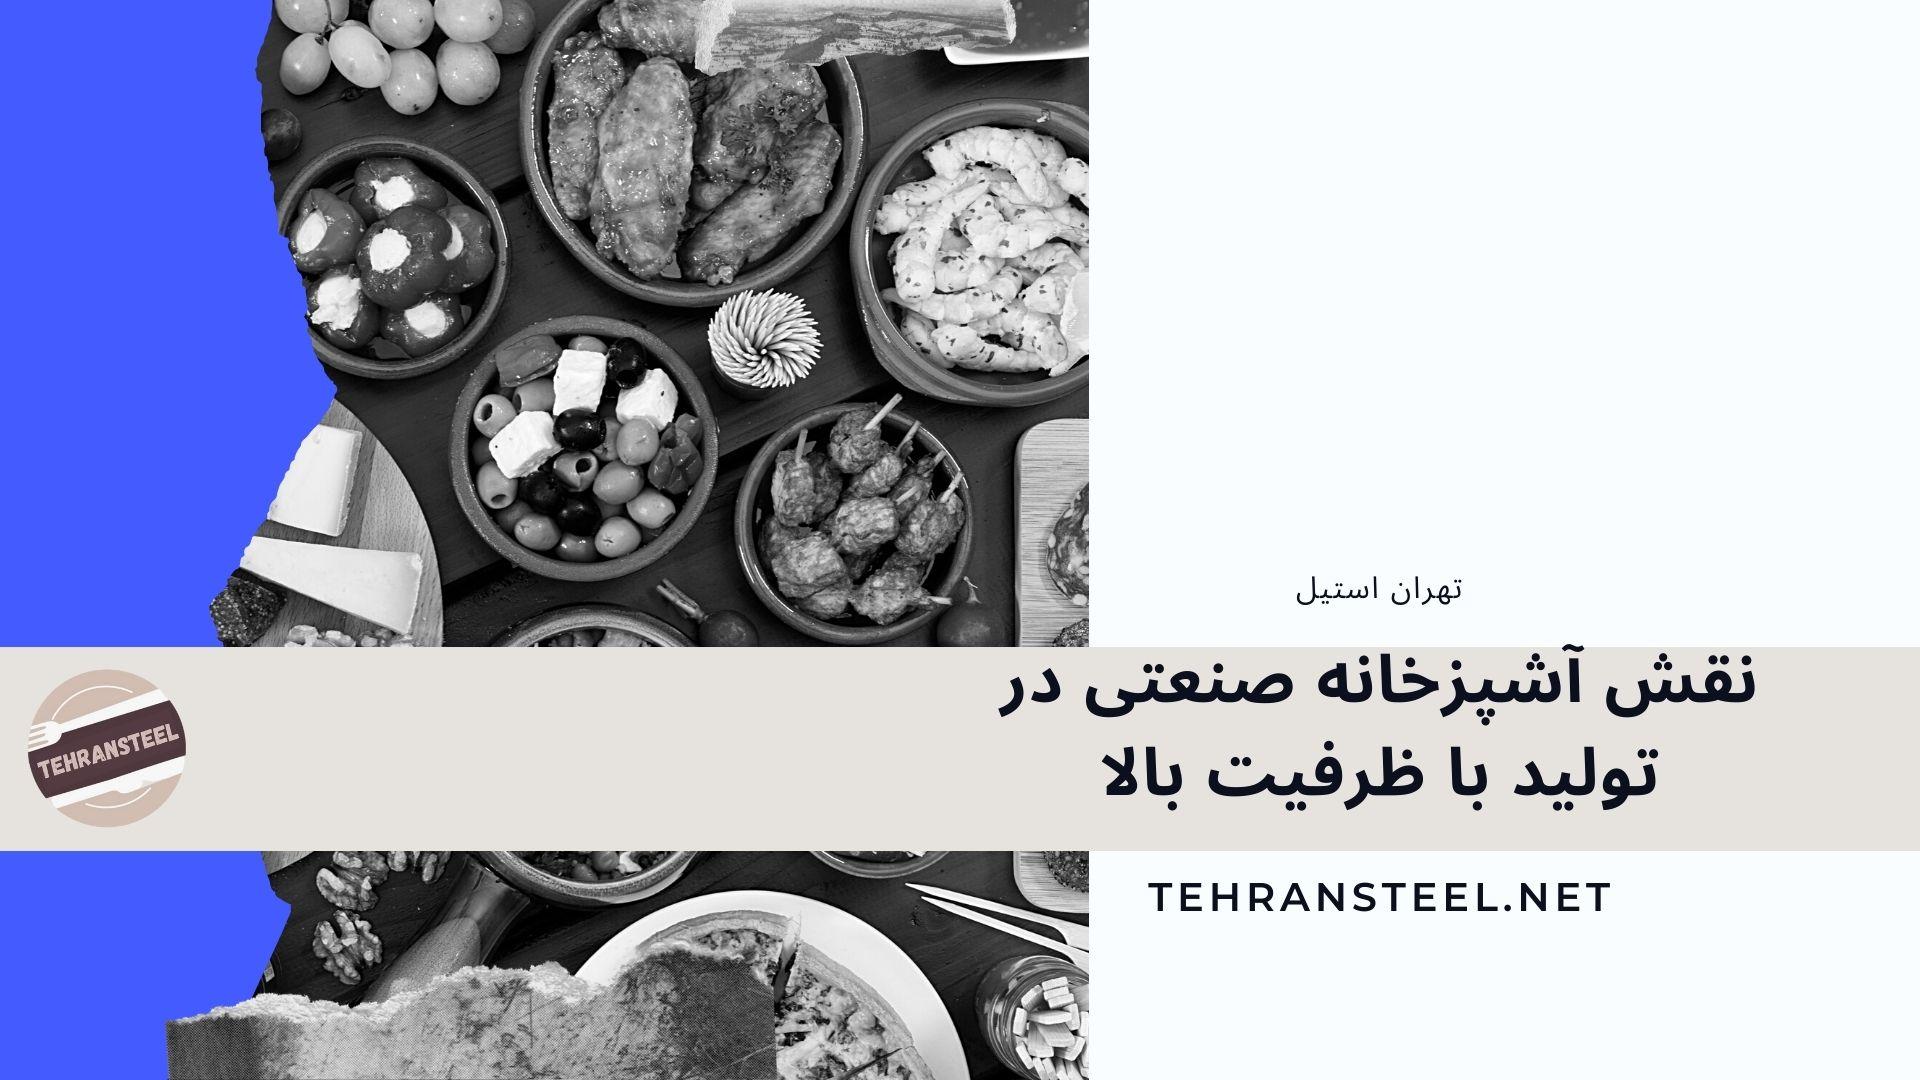 نقش آشپزخانه صنعتی در تولید با ظرفیت بالا